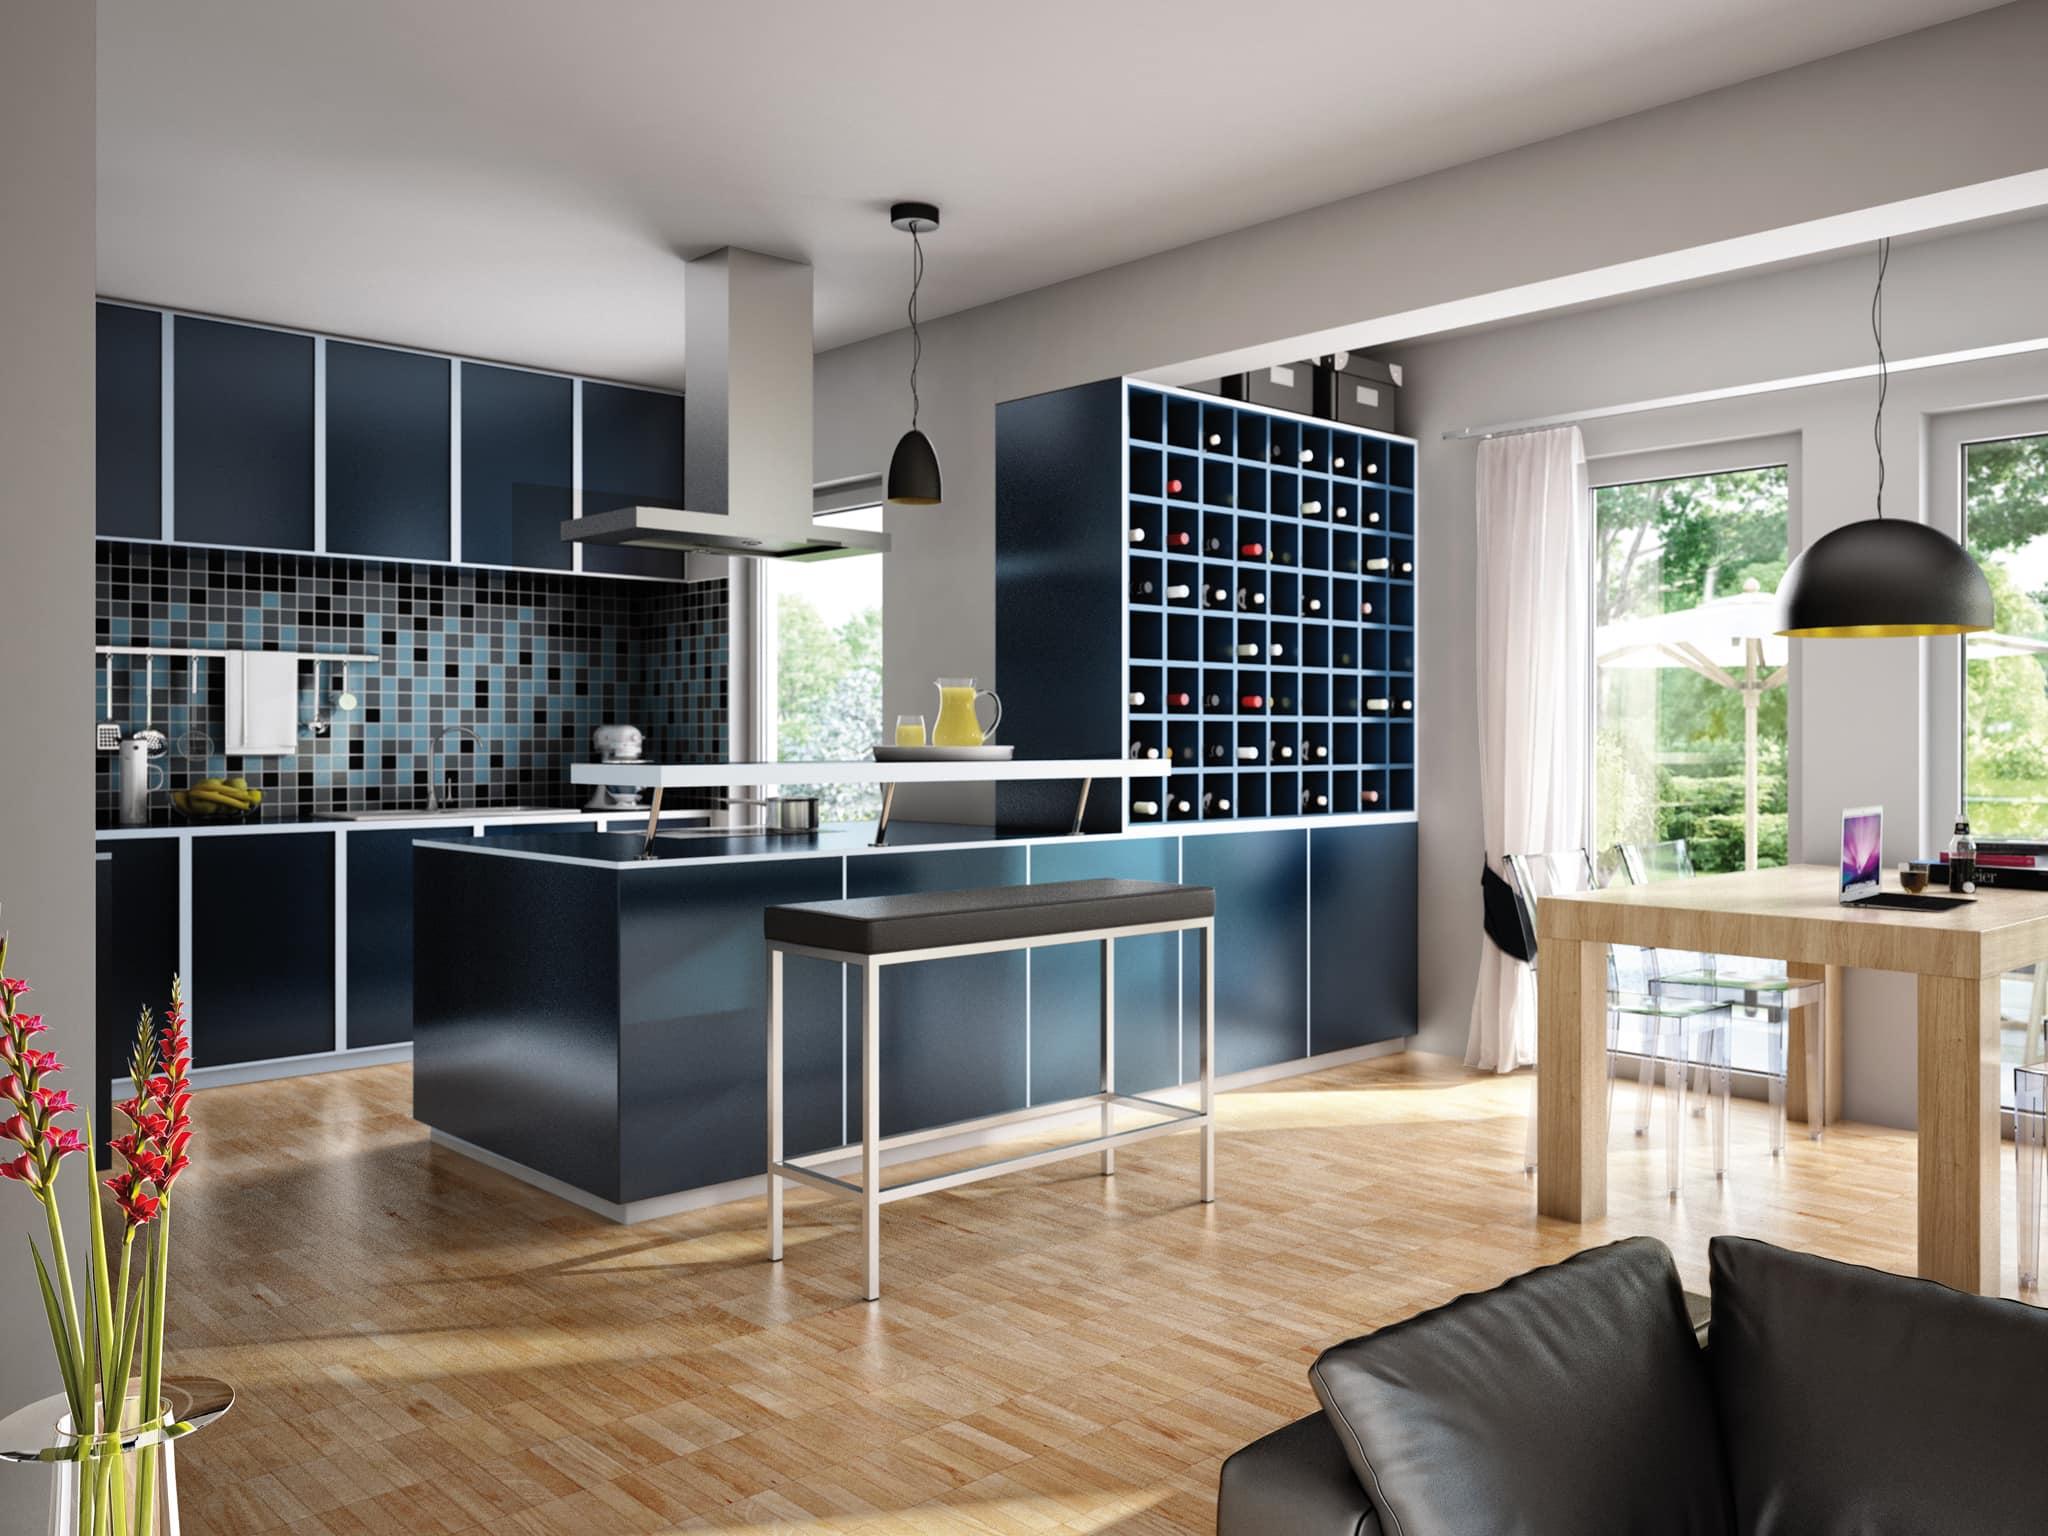 Küchen Ideen modern, offen im Wohn- Esszimmer - Inneneinrichtung Fertighaus SUNSHINE 113 V5 von Living Haus - HausbauDirekt.de